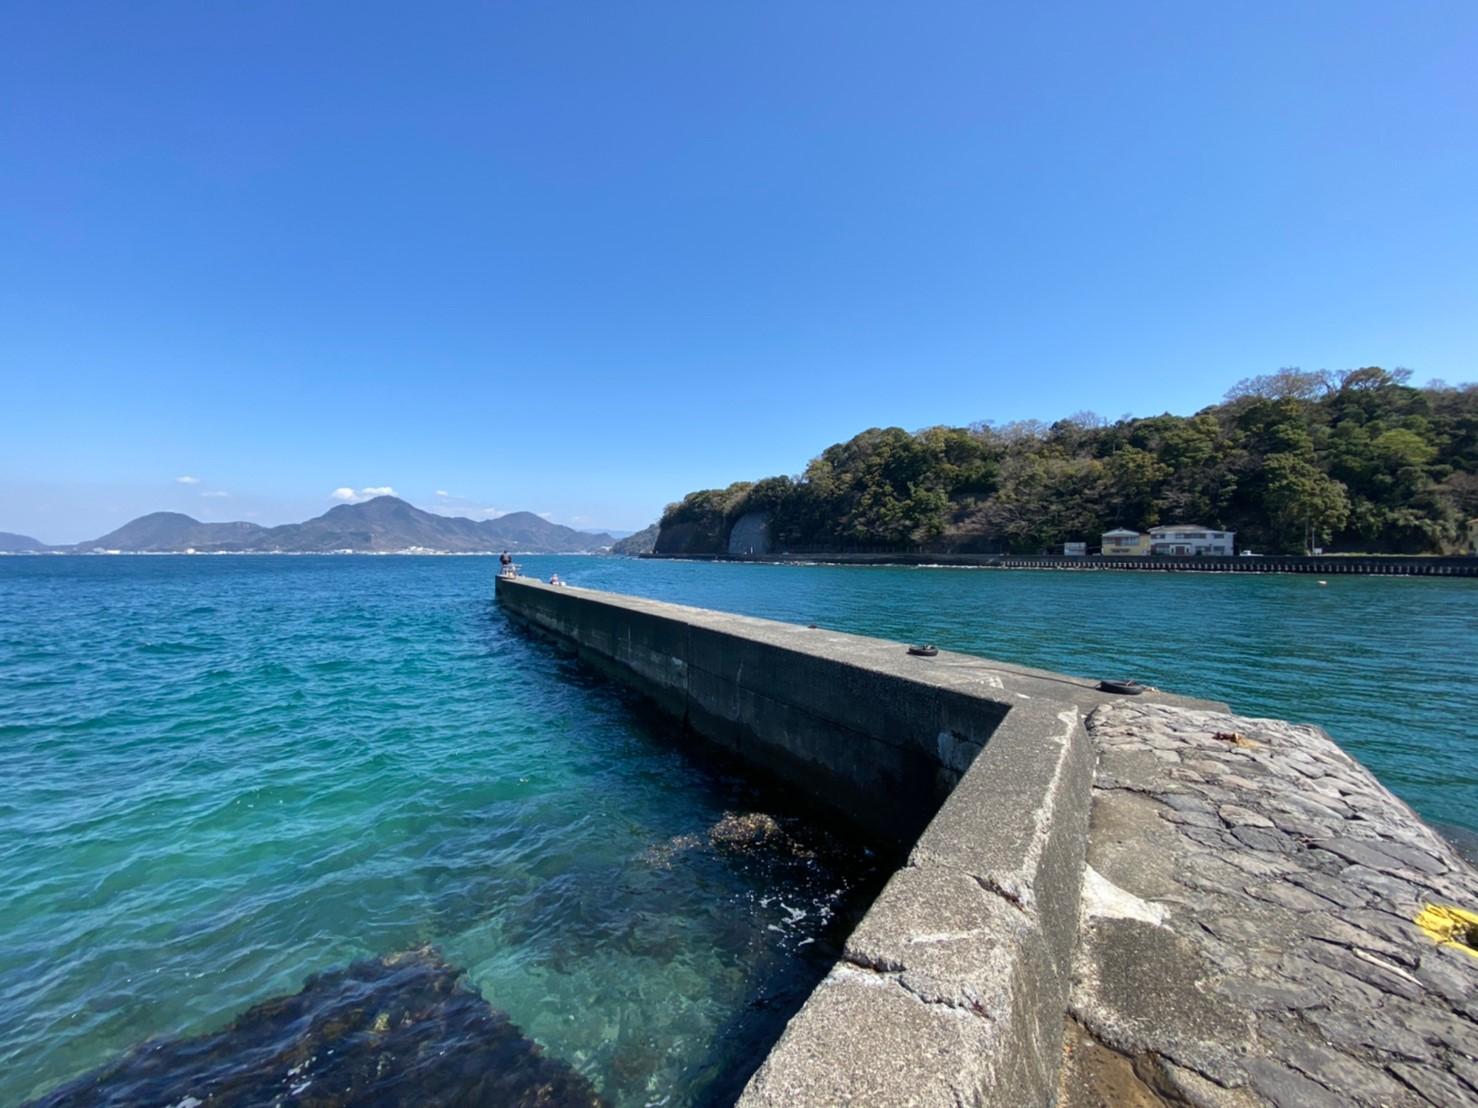 【沼津市】『久連神社付近』の釣り場ガイド(釣れる魚・駐車場)